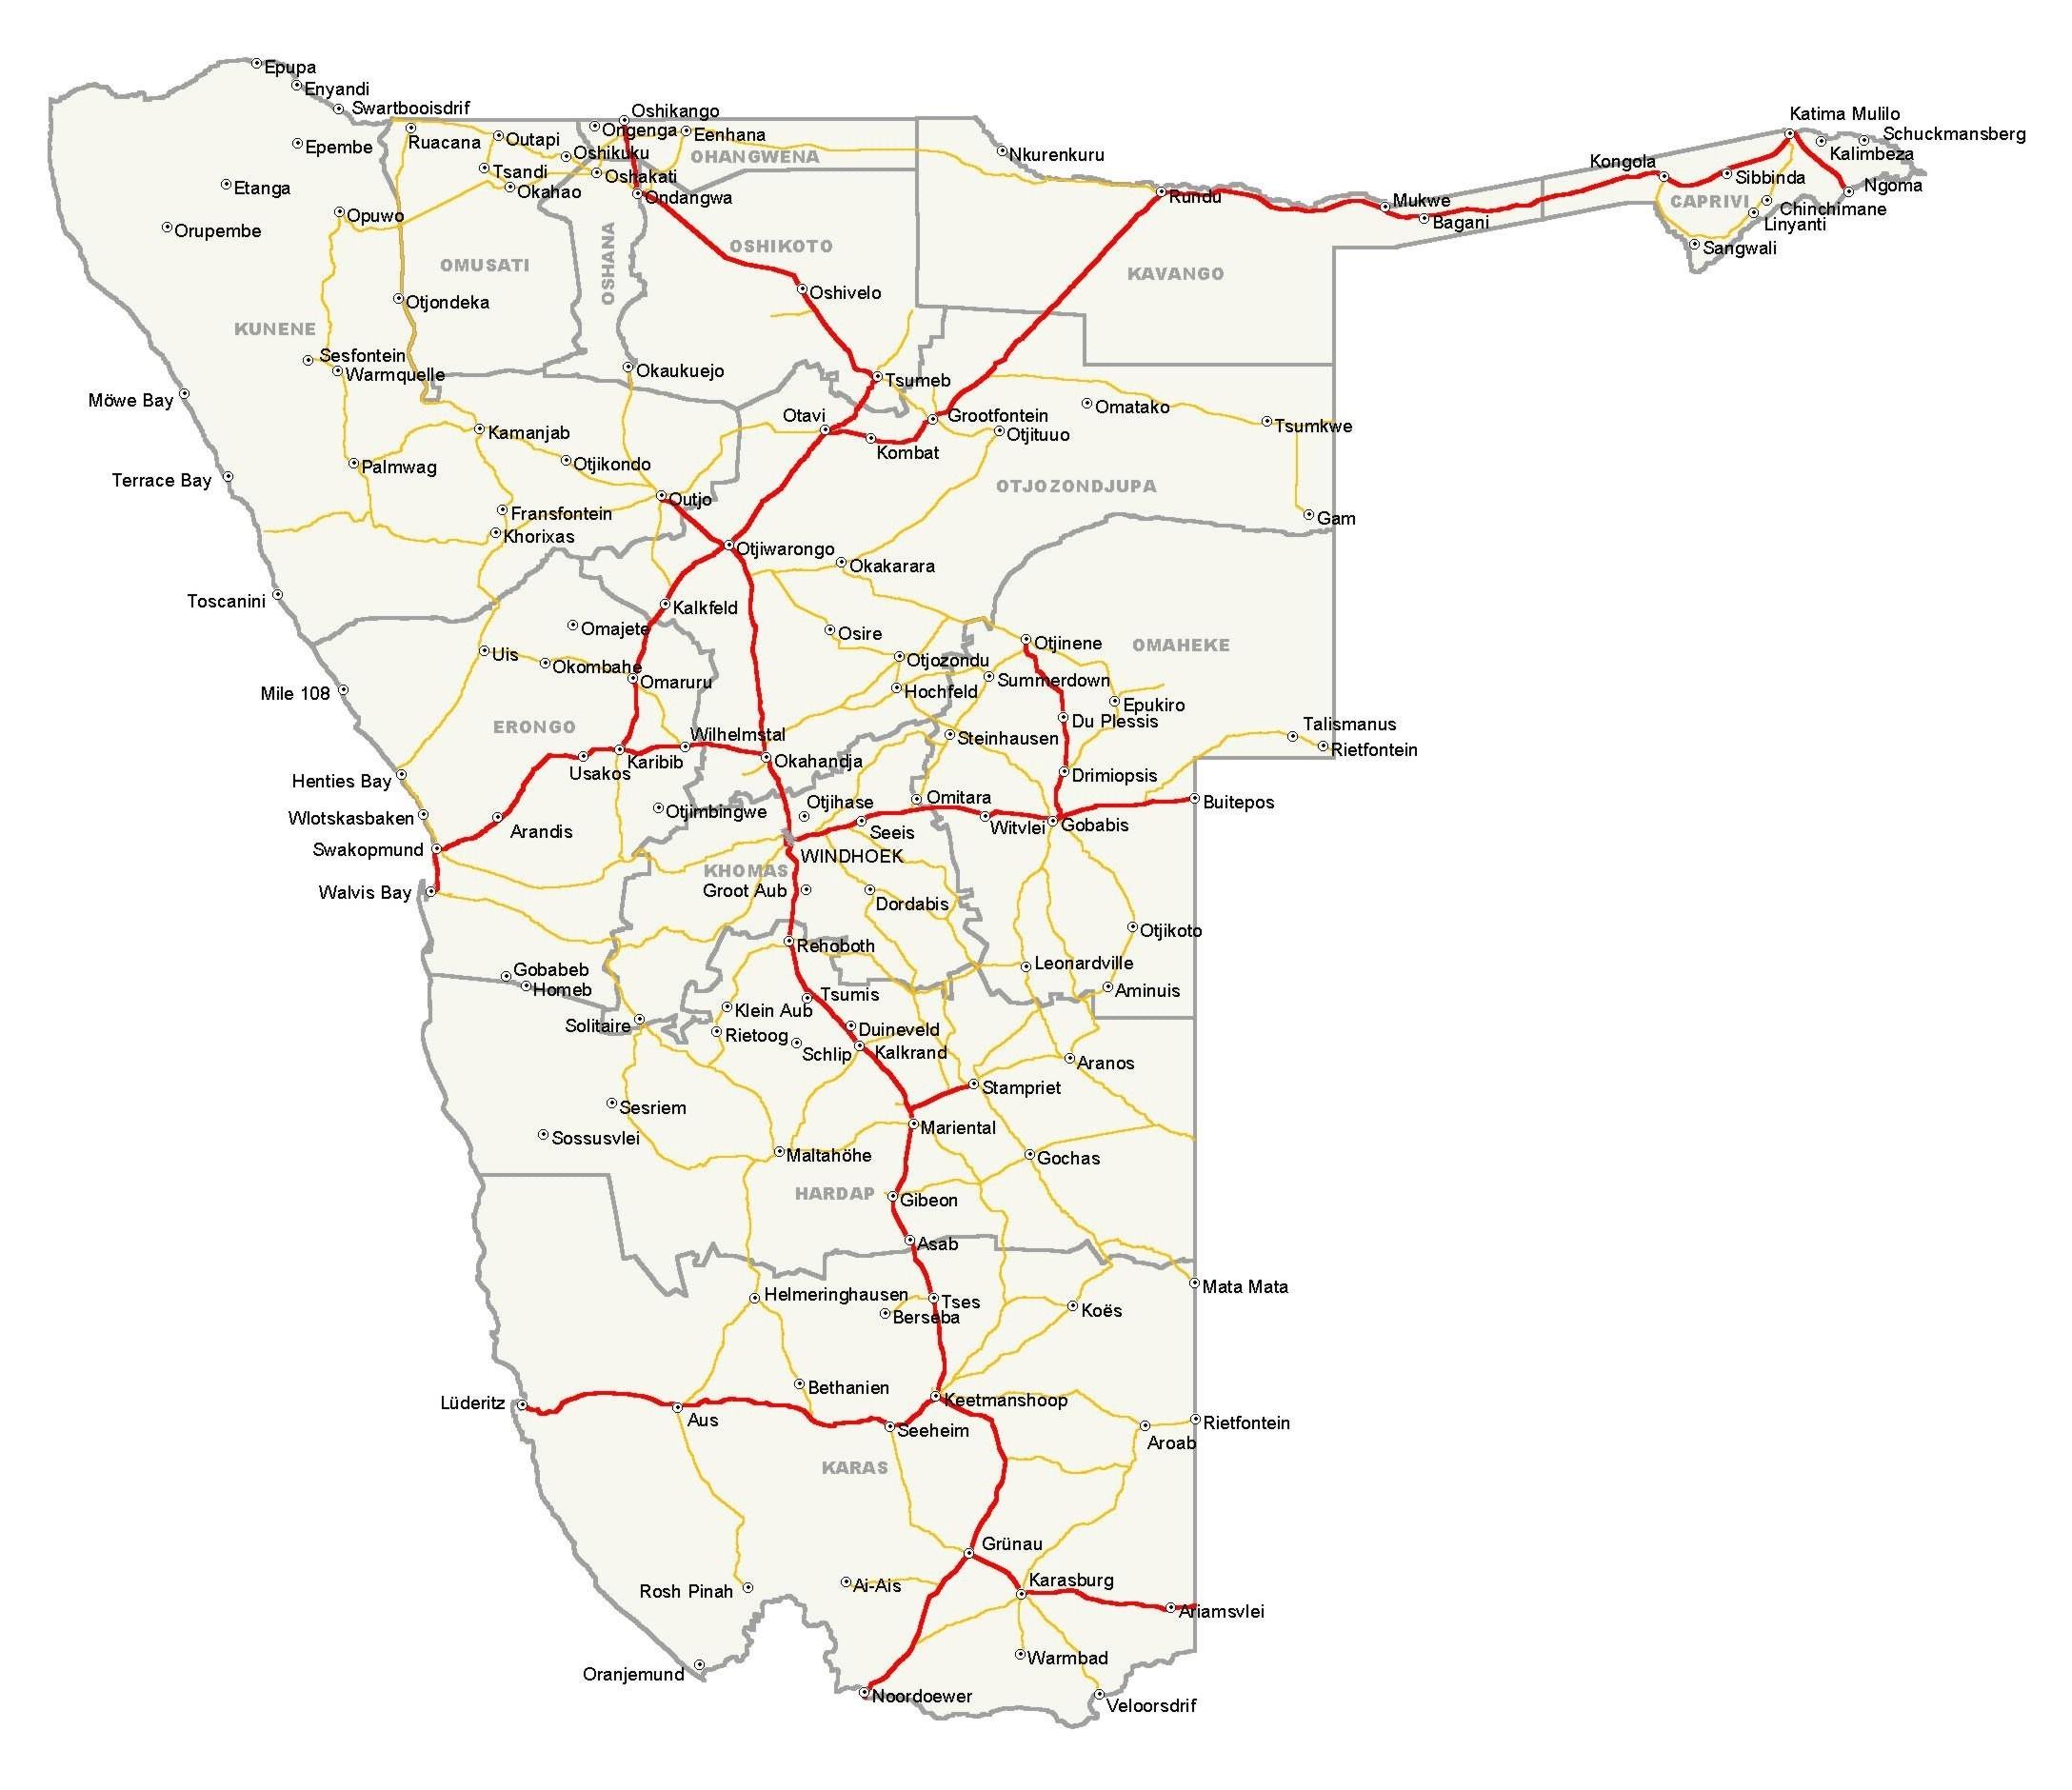 NamibiaFlag - Namibia map